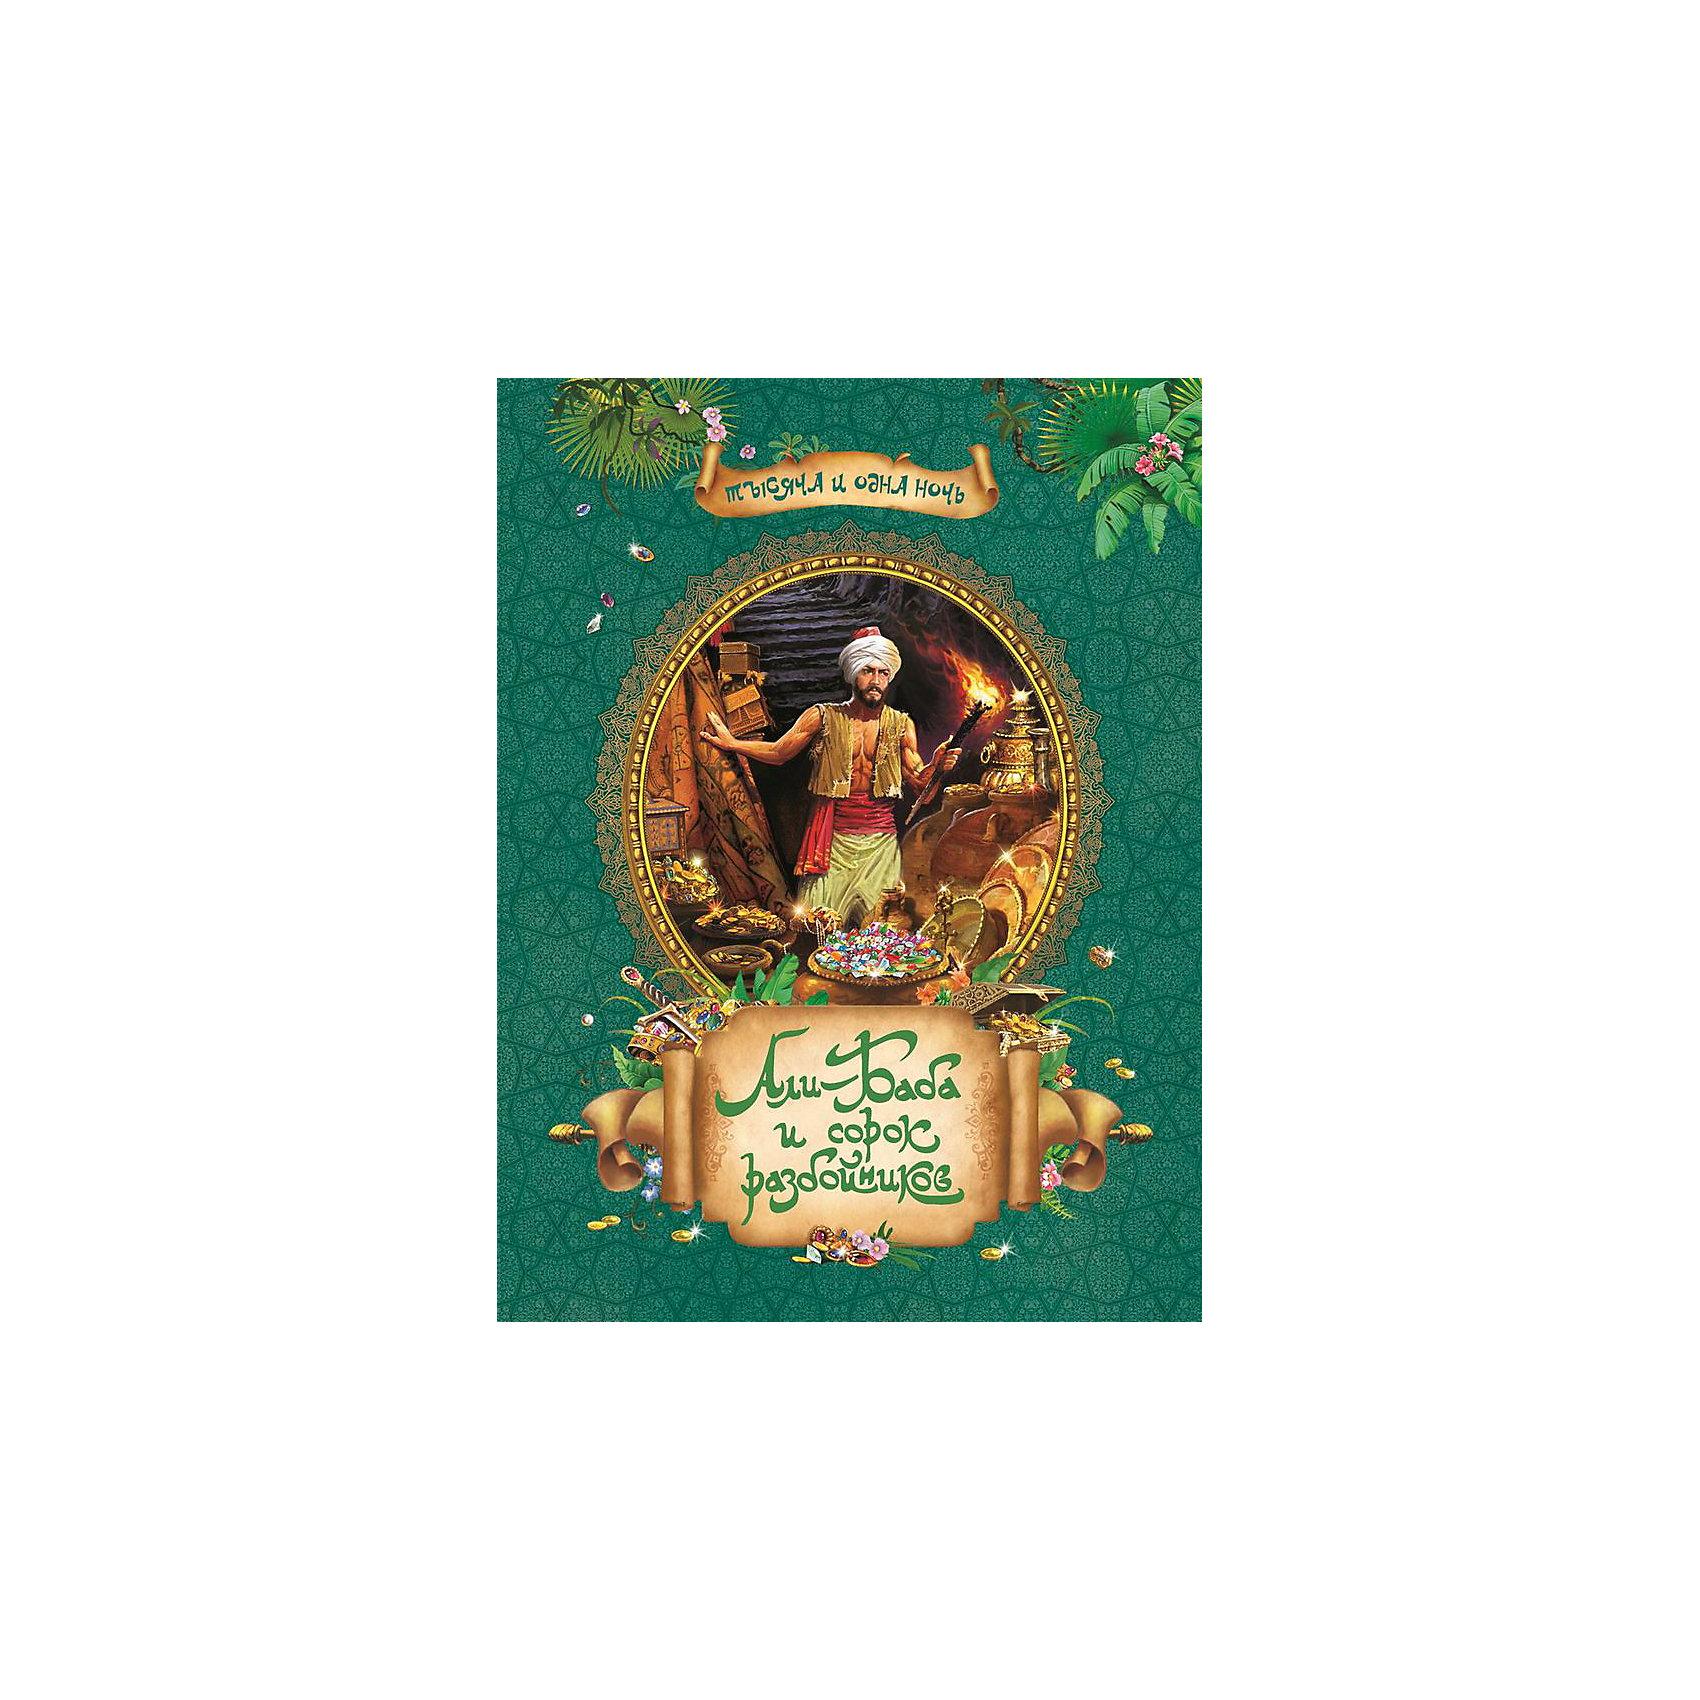 Али-Баба и сорок разбойниковЗарубежные сказки<br>Характеристики товара:<br><br>- цвет: разноцветный;<br>- материал: бумага;<br>- страниц: 32;<br>- формат: 31 х 24 см;<br>- обложка: твердая;<br>- иллюстрации.<br><br>Эта интересная книга с иллюстрациями станет отличным подарком для ребенка. Она содержит в себе известную сказку, эту книгу любит не одно поколение! Талантливый иллюстратор дополнил книгу качественными рисунками, которые помогают ребенку проникнуться духом сказки.<br>Чтение - отличный способ активизации мышления, оно помогает ребенку развивать зрительную память, концентрацию внимания и воображение. Издание произведено из качественных материалов, которые безопасны даже для самых маленьких.<br><br>Издание Али-Баба и сорок разбойников от компании Росмэн можно купить в нашем интернет-магазине.<br><br>Ширина мм: 308<br>Глубина мм: 241<br>Высота мм: 140<br>Вес г: 452<br>Возраст от месяцев: 60<br>Возраст до месяцев: 84<br>Пол: Унисекс<br>Возраст: Детский<br>SKU: 5109940